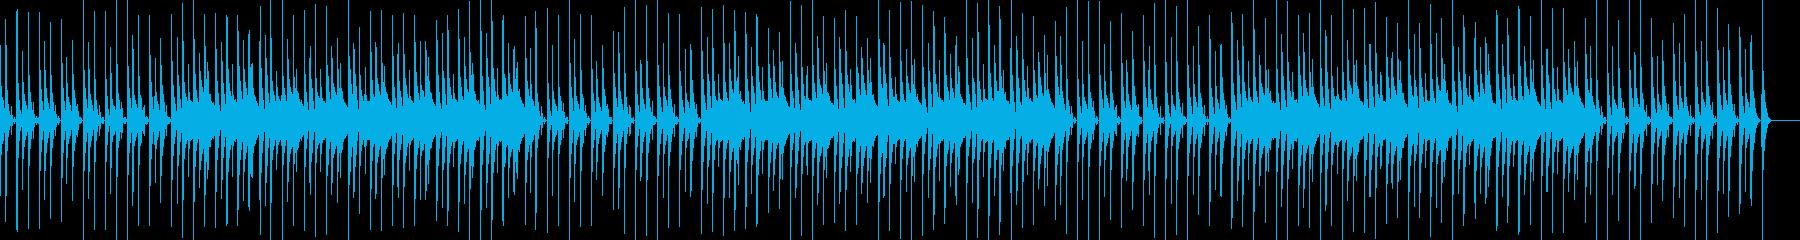 日常系BGM・シンセ・マリンバの再生済みの波形